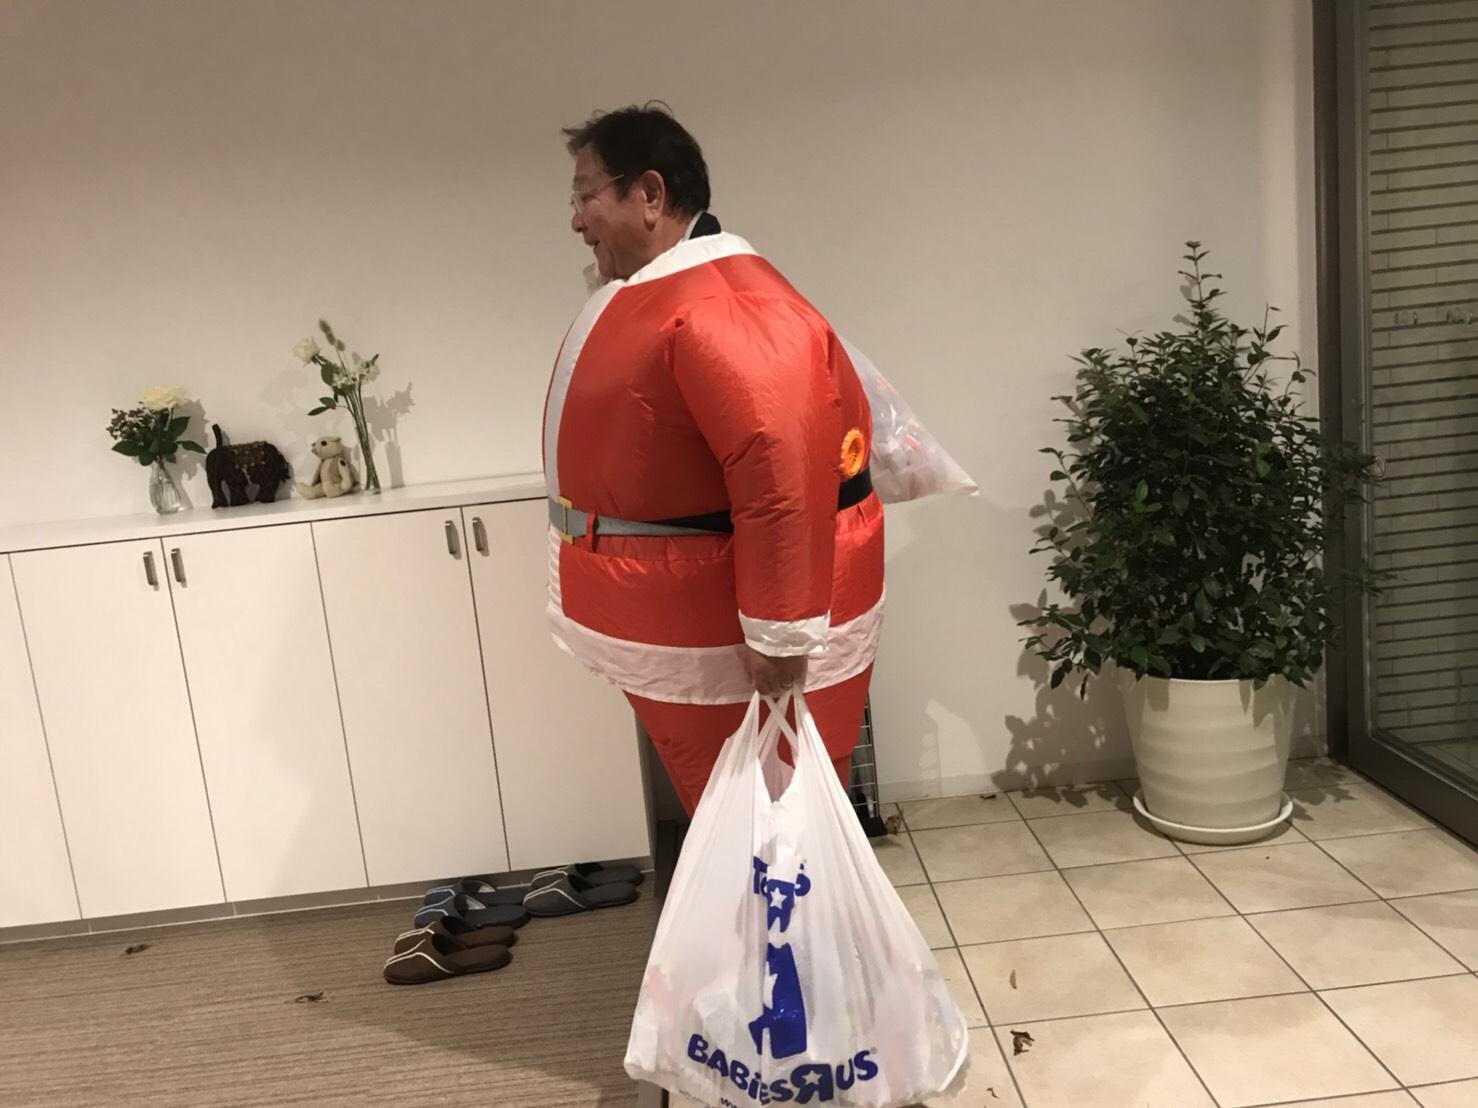 12月26日 火曜日の本店ブログ♬ 今年もトミーサンタはチキン配達完了♬ランクル、ハイエース、アルファード_b0127002_18224538.jpg